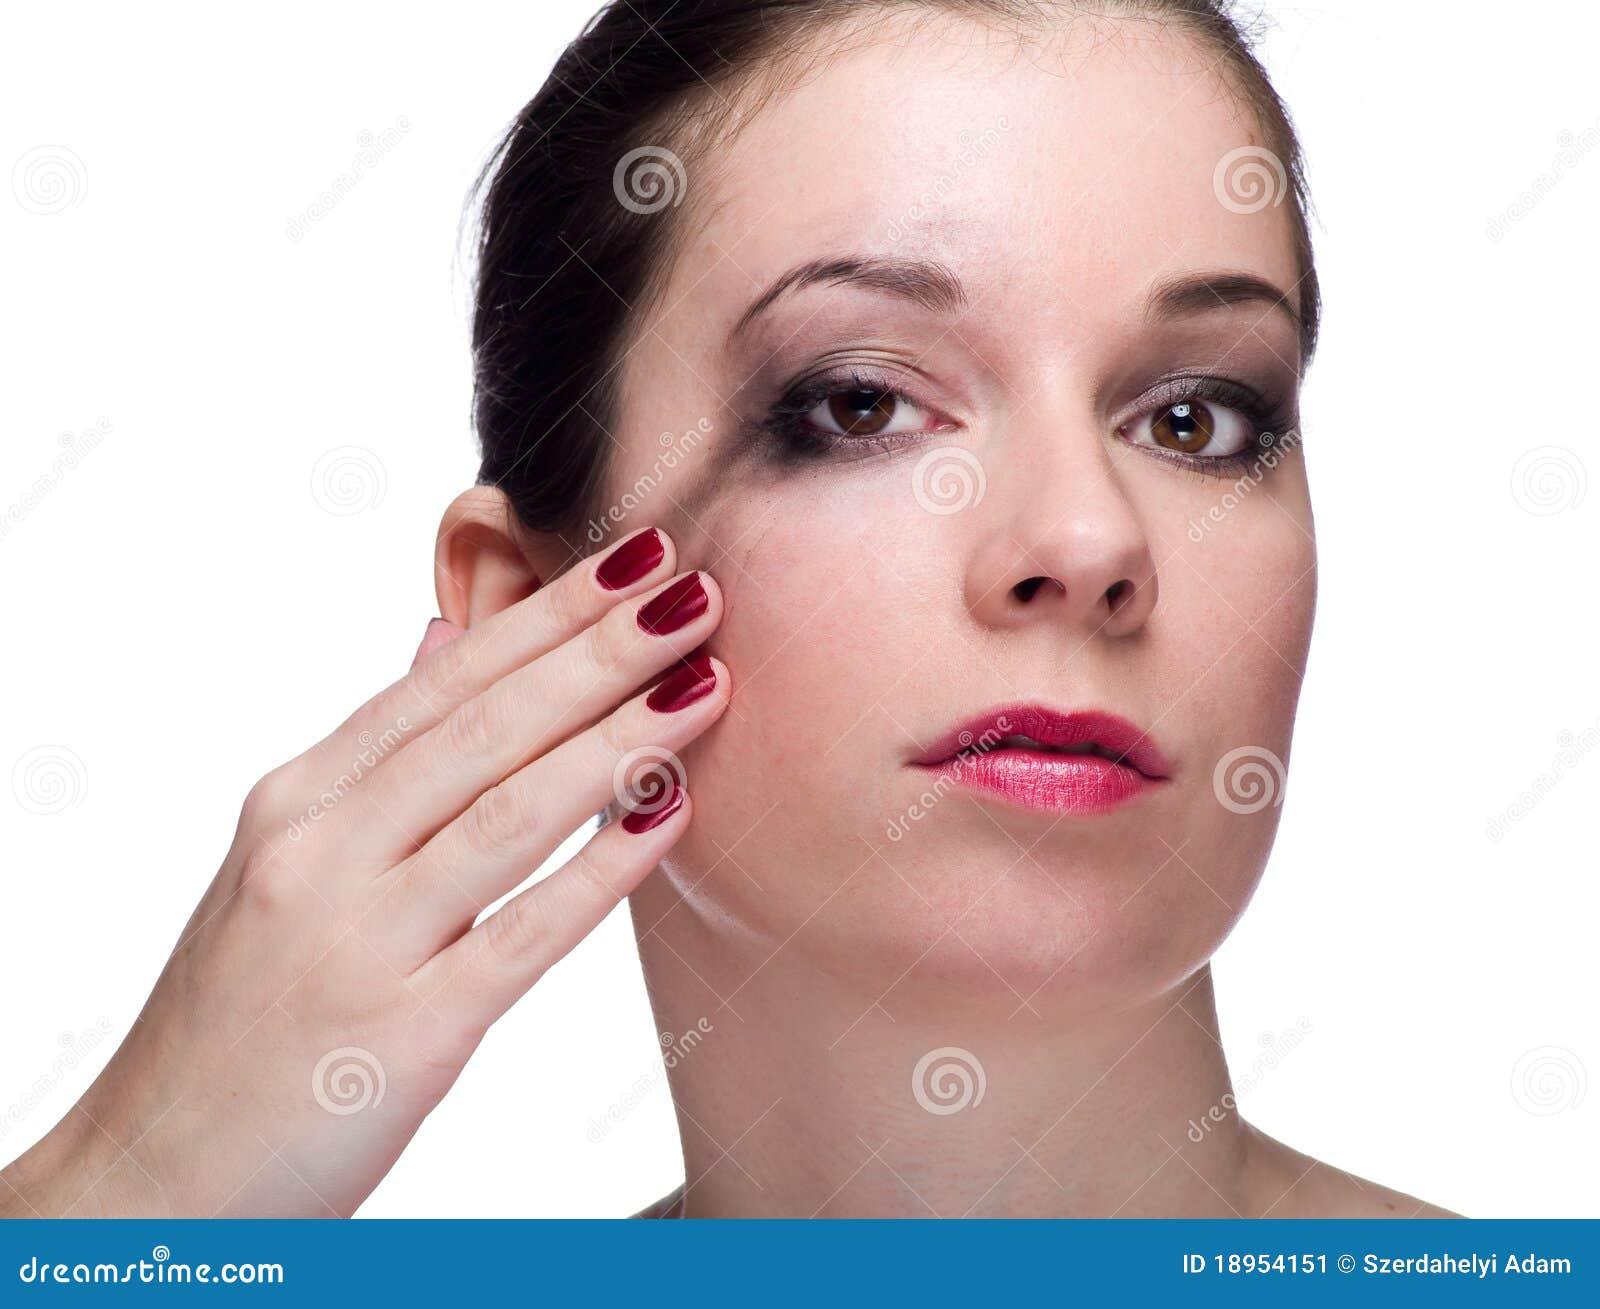 girl next door presley hart exposing teen tits and giving head